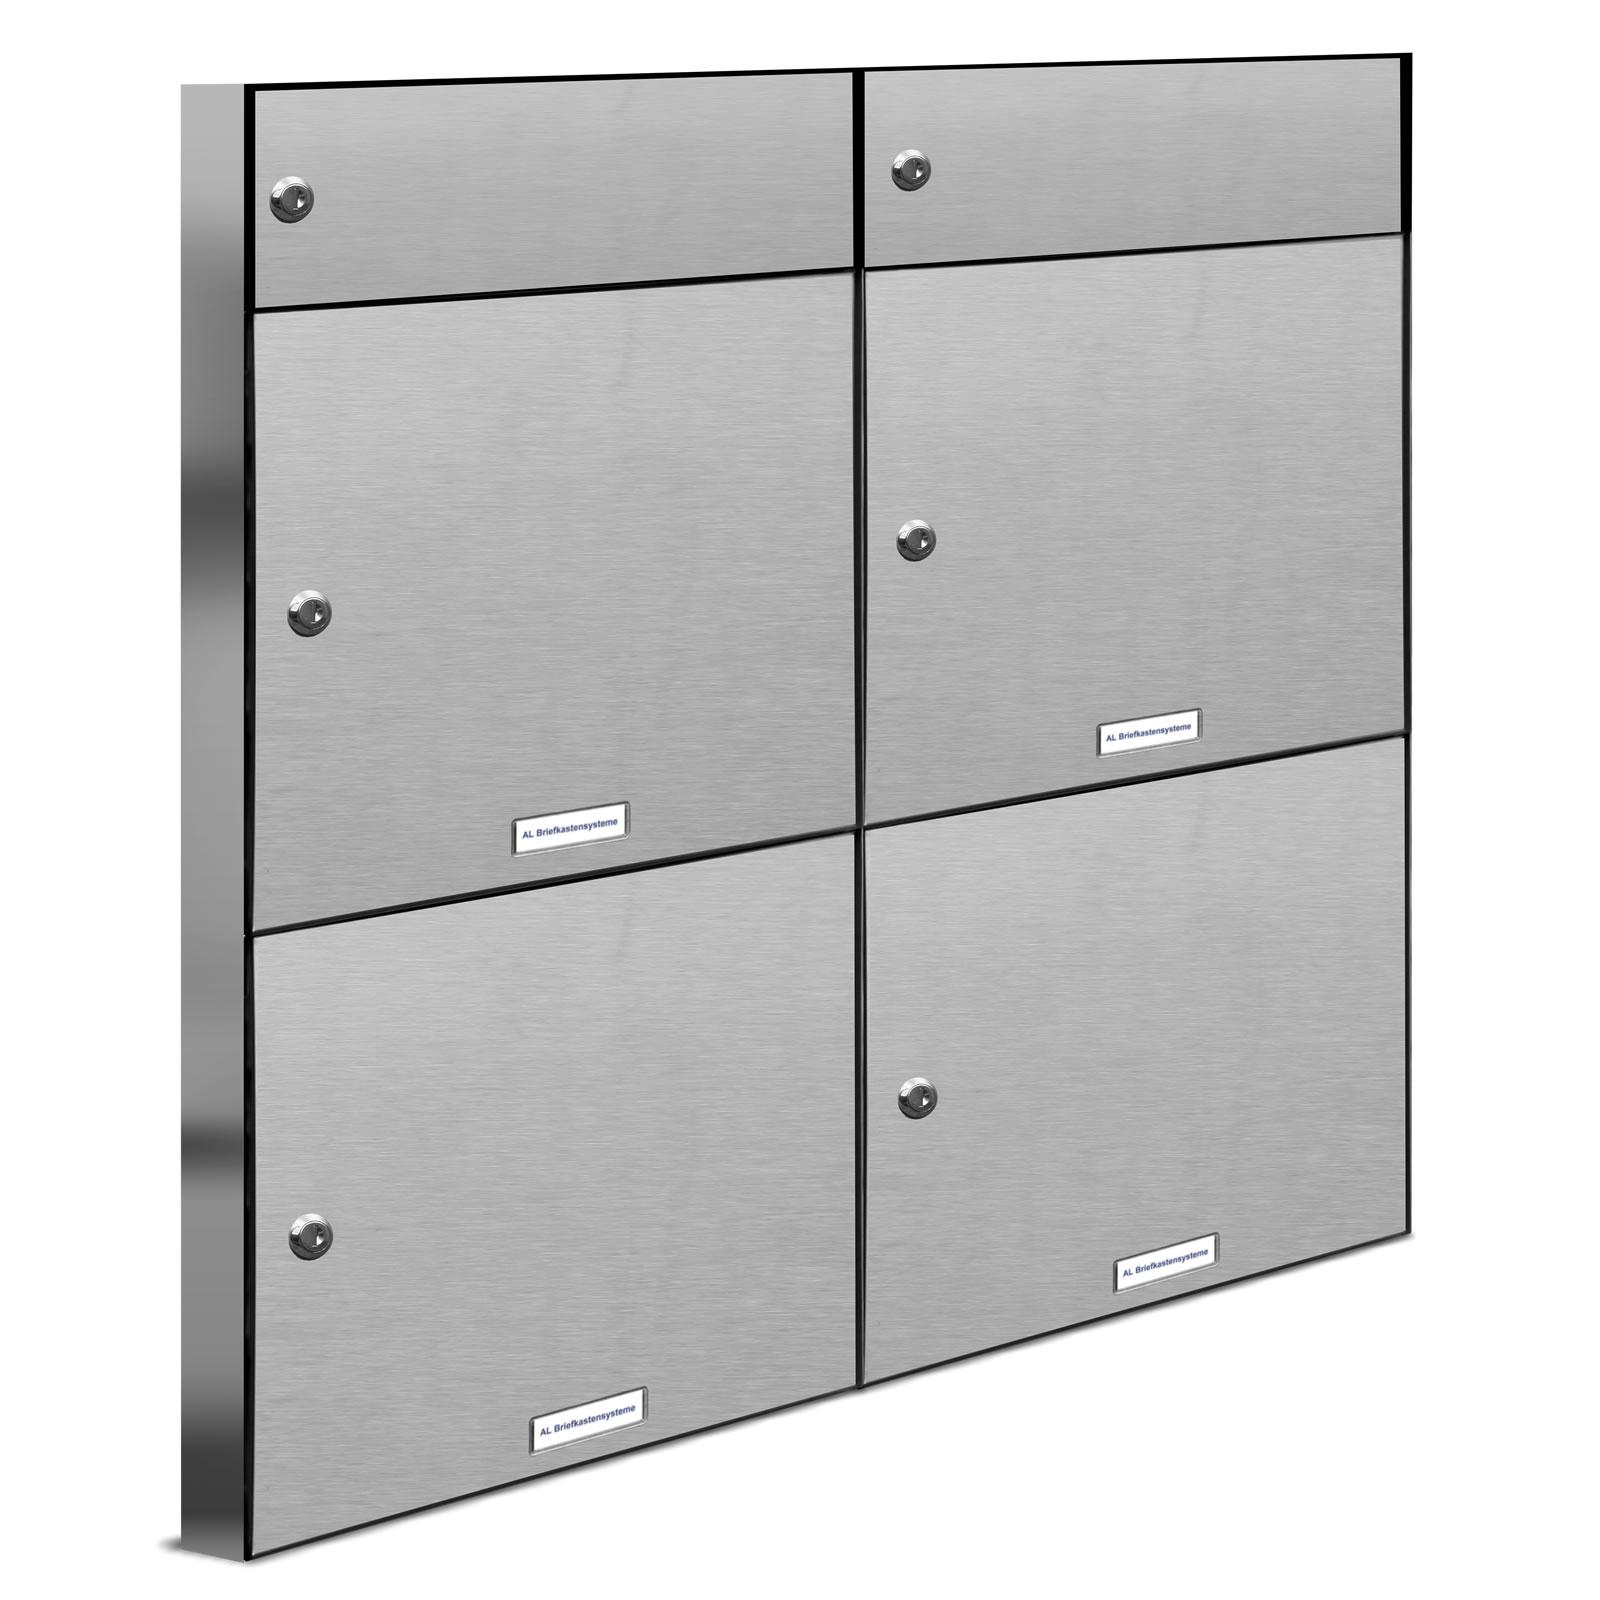 4er premium v2a zaun durchwurf briefkasten mit klingel 4 fach postkasten ebay. Black Bedroom Furniture Sets. Home Design Ideas